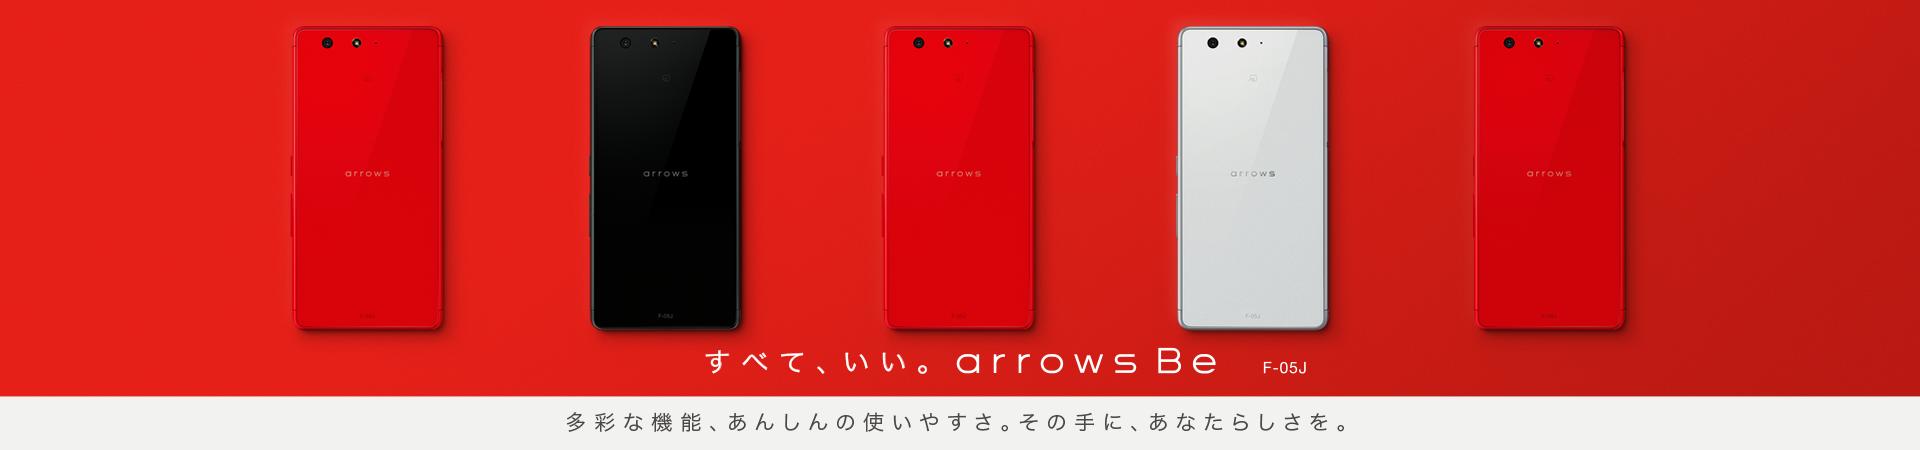 【悲報】富士通、携帯電話事業から撤退、事業売却へ。のサムネイル画像